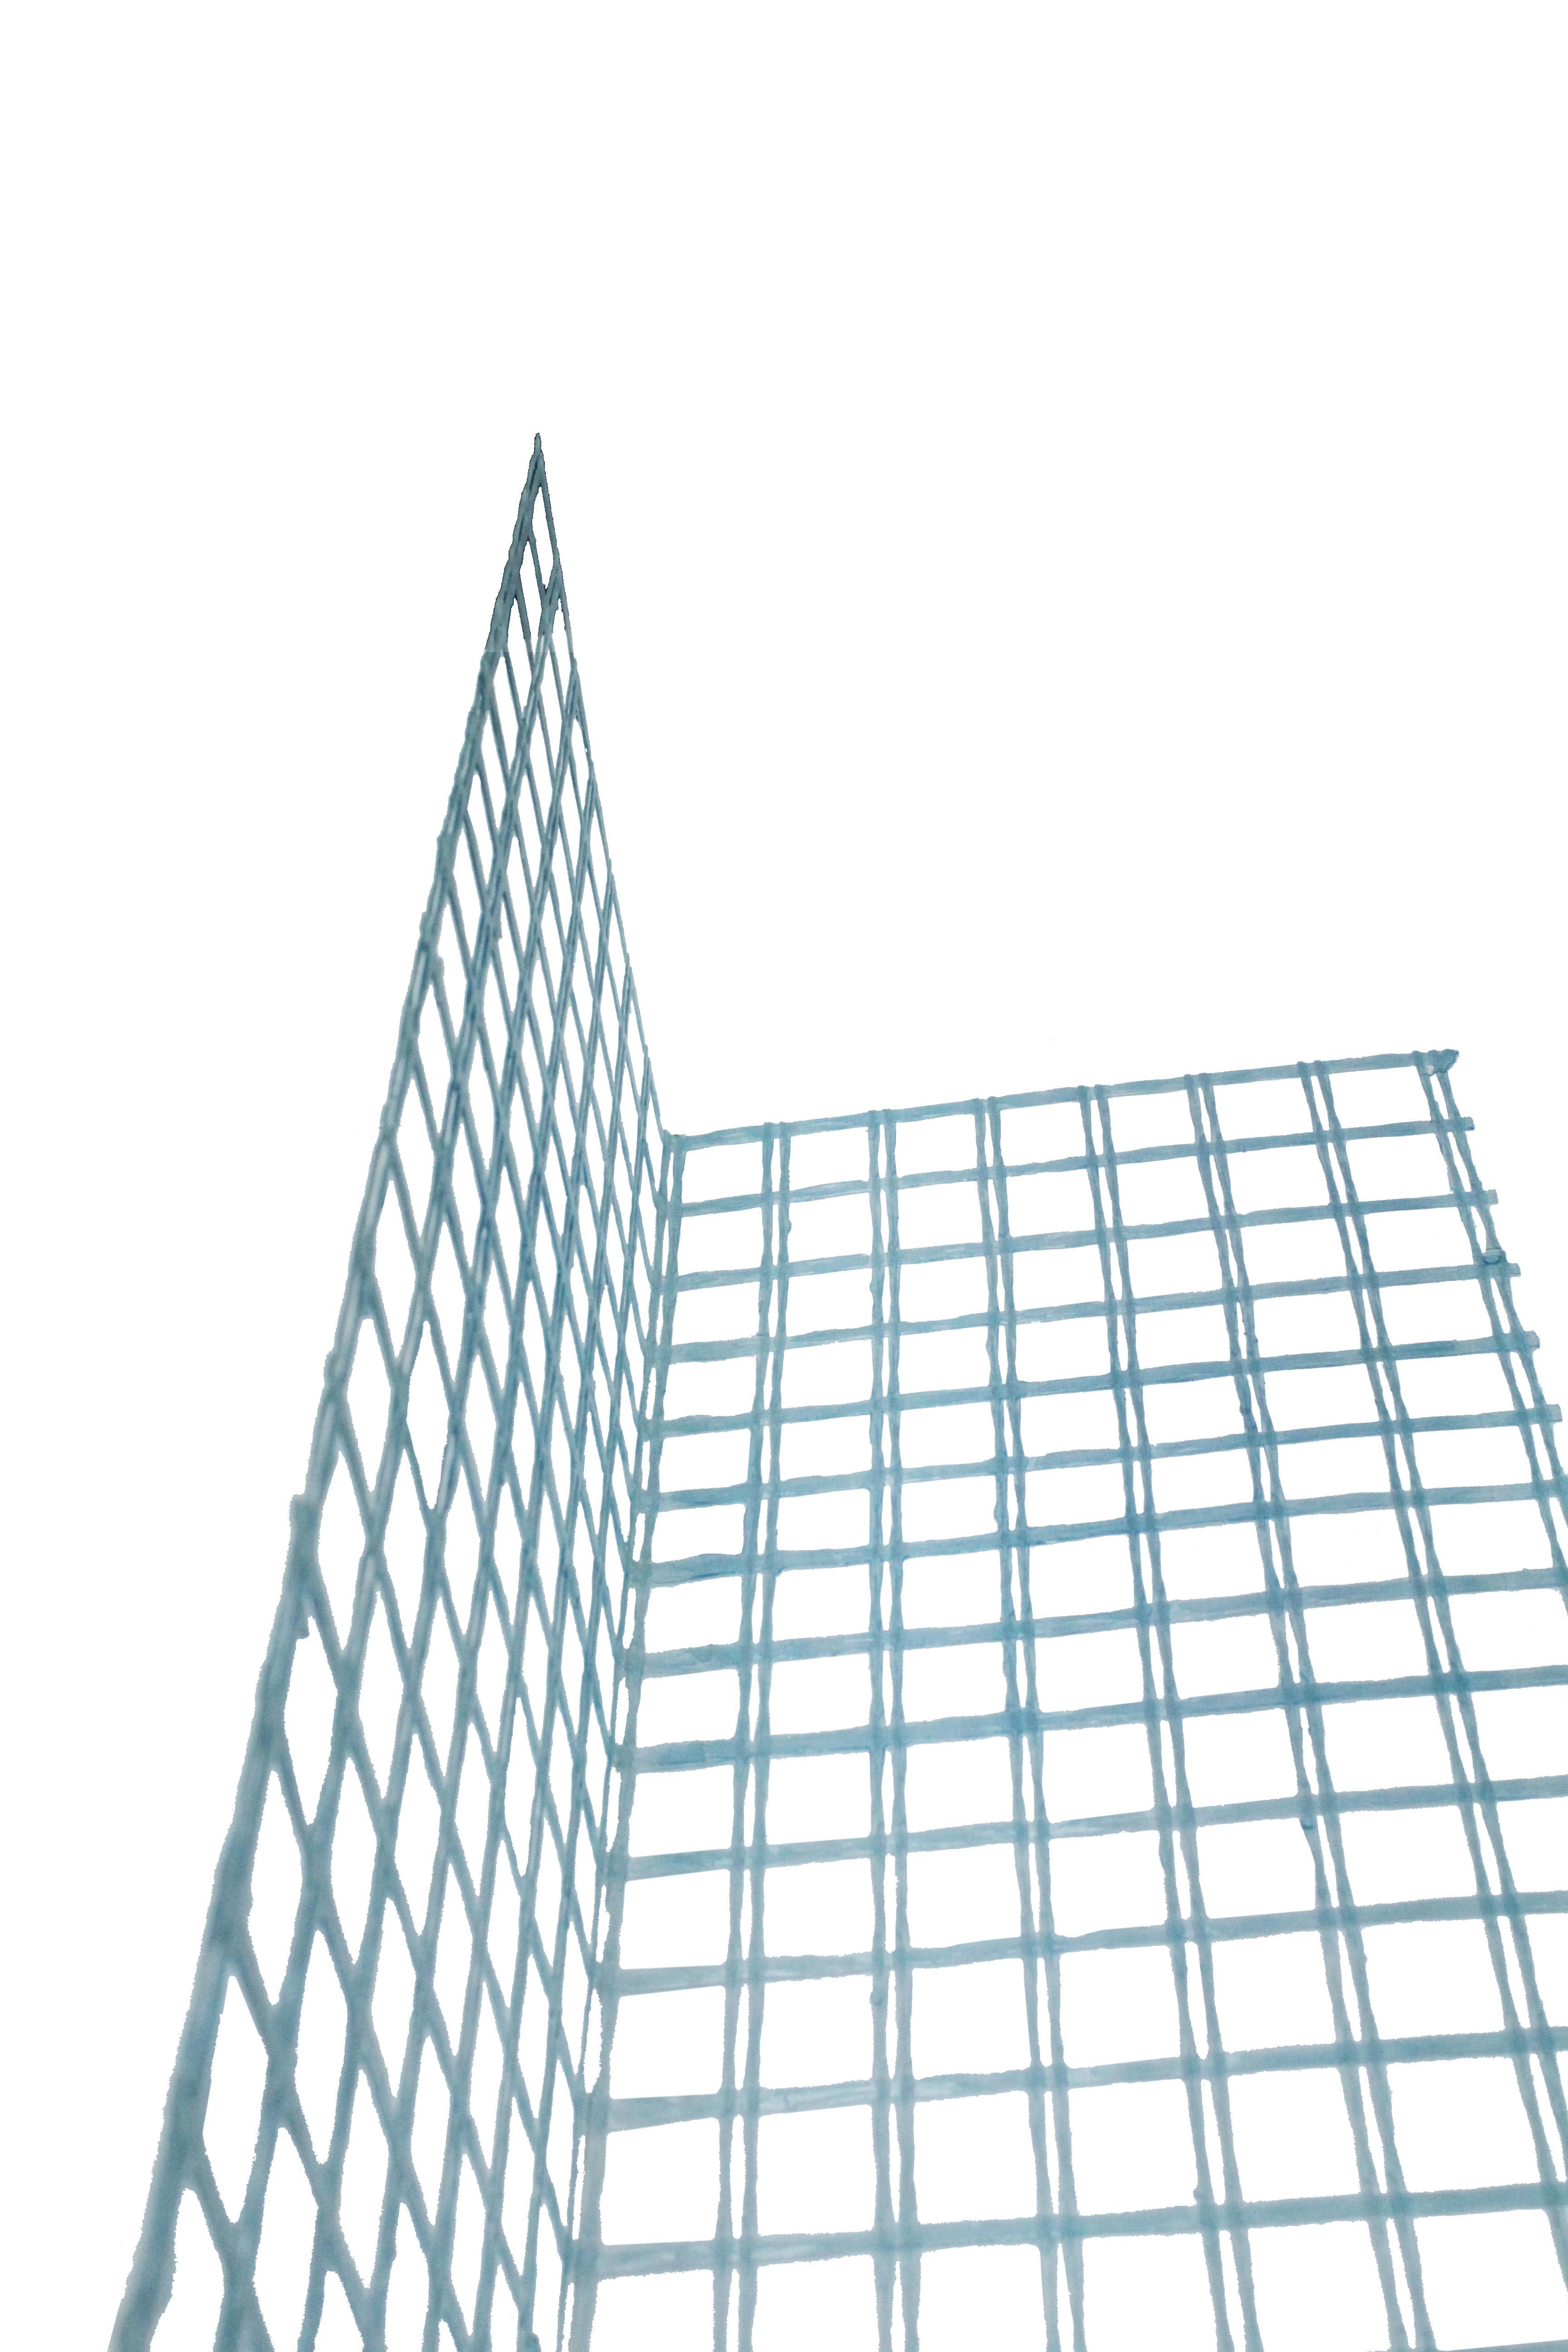 FASSA ARG-ANGLE: Elemento angolare preformato in fibra di vetro alcali-resistente